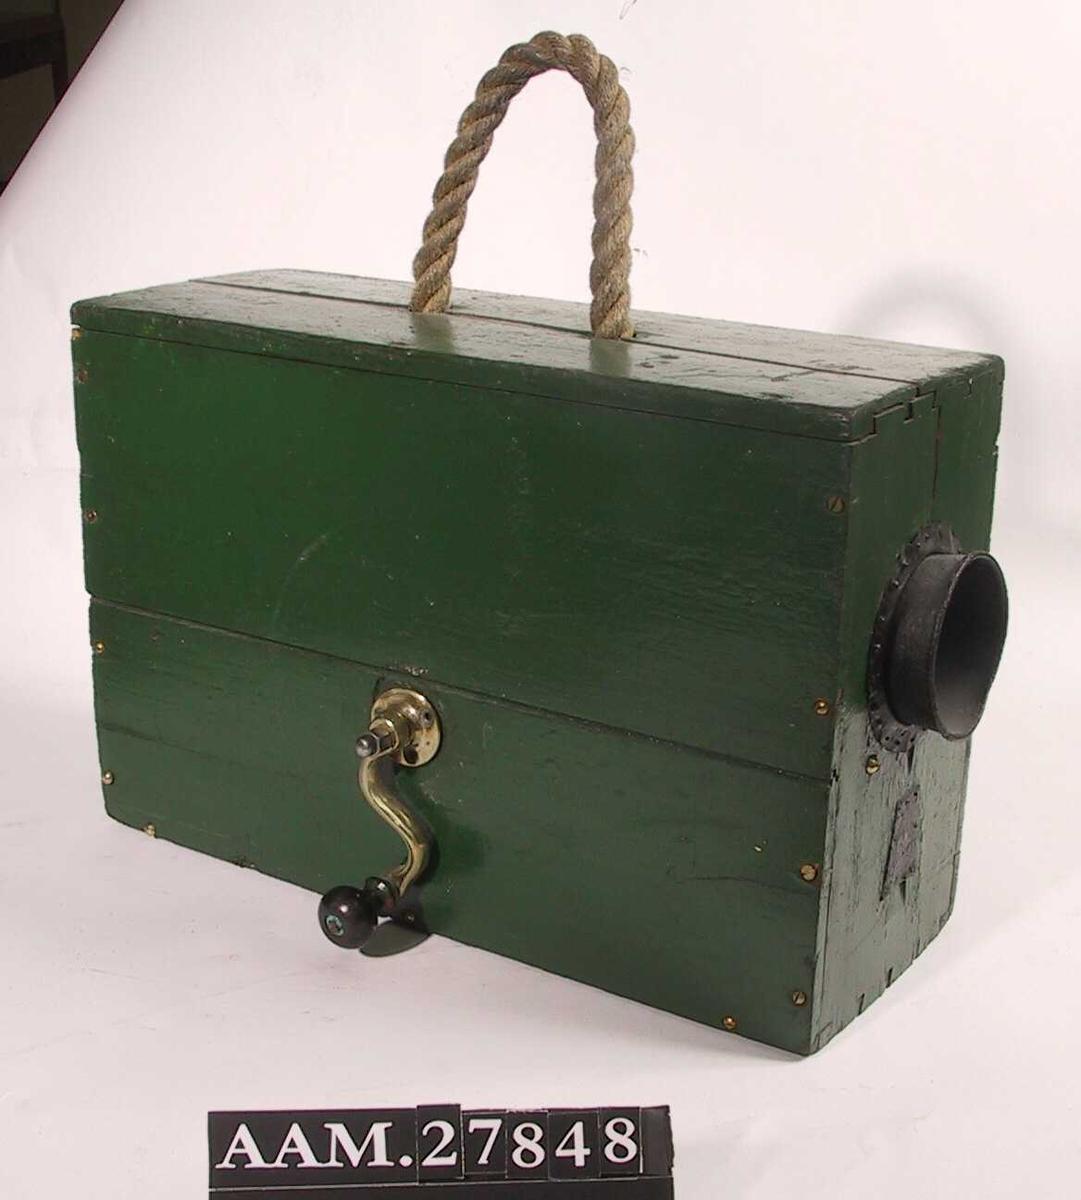 Rektangulær kasse m. roppertut og sveiv, bærereim av taustropp.